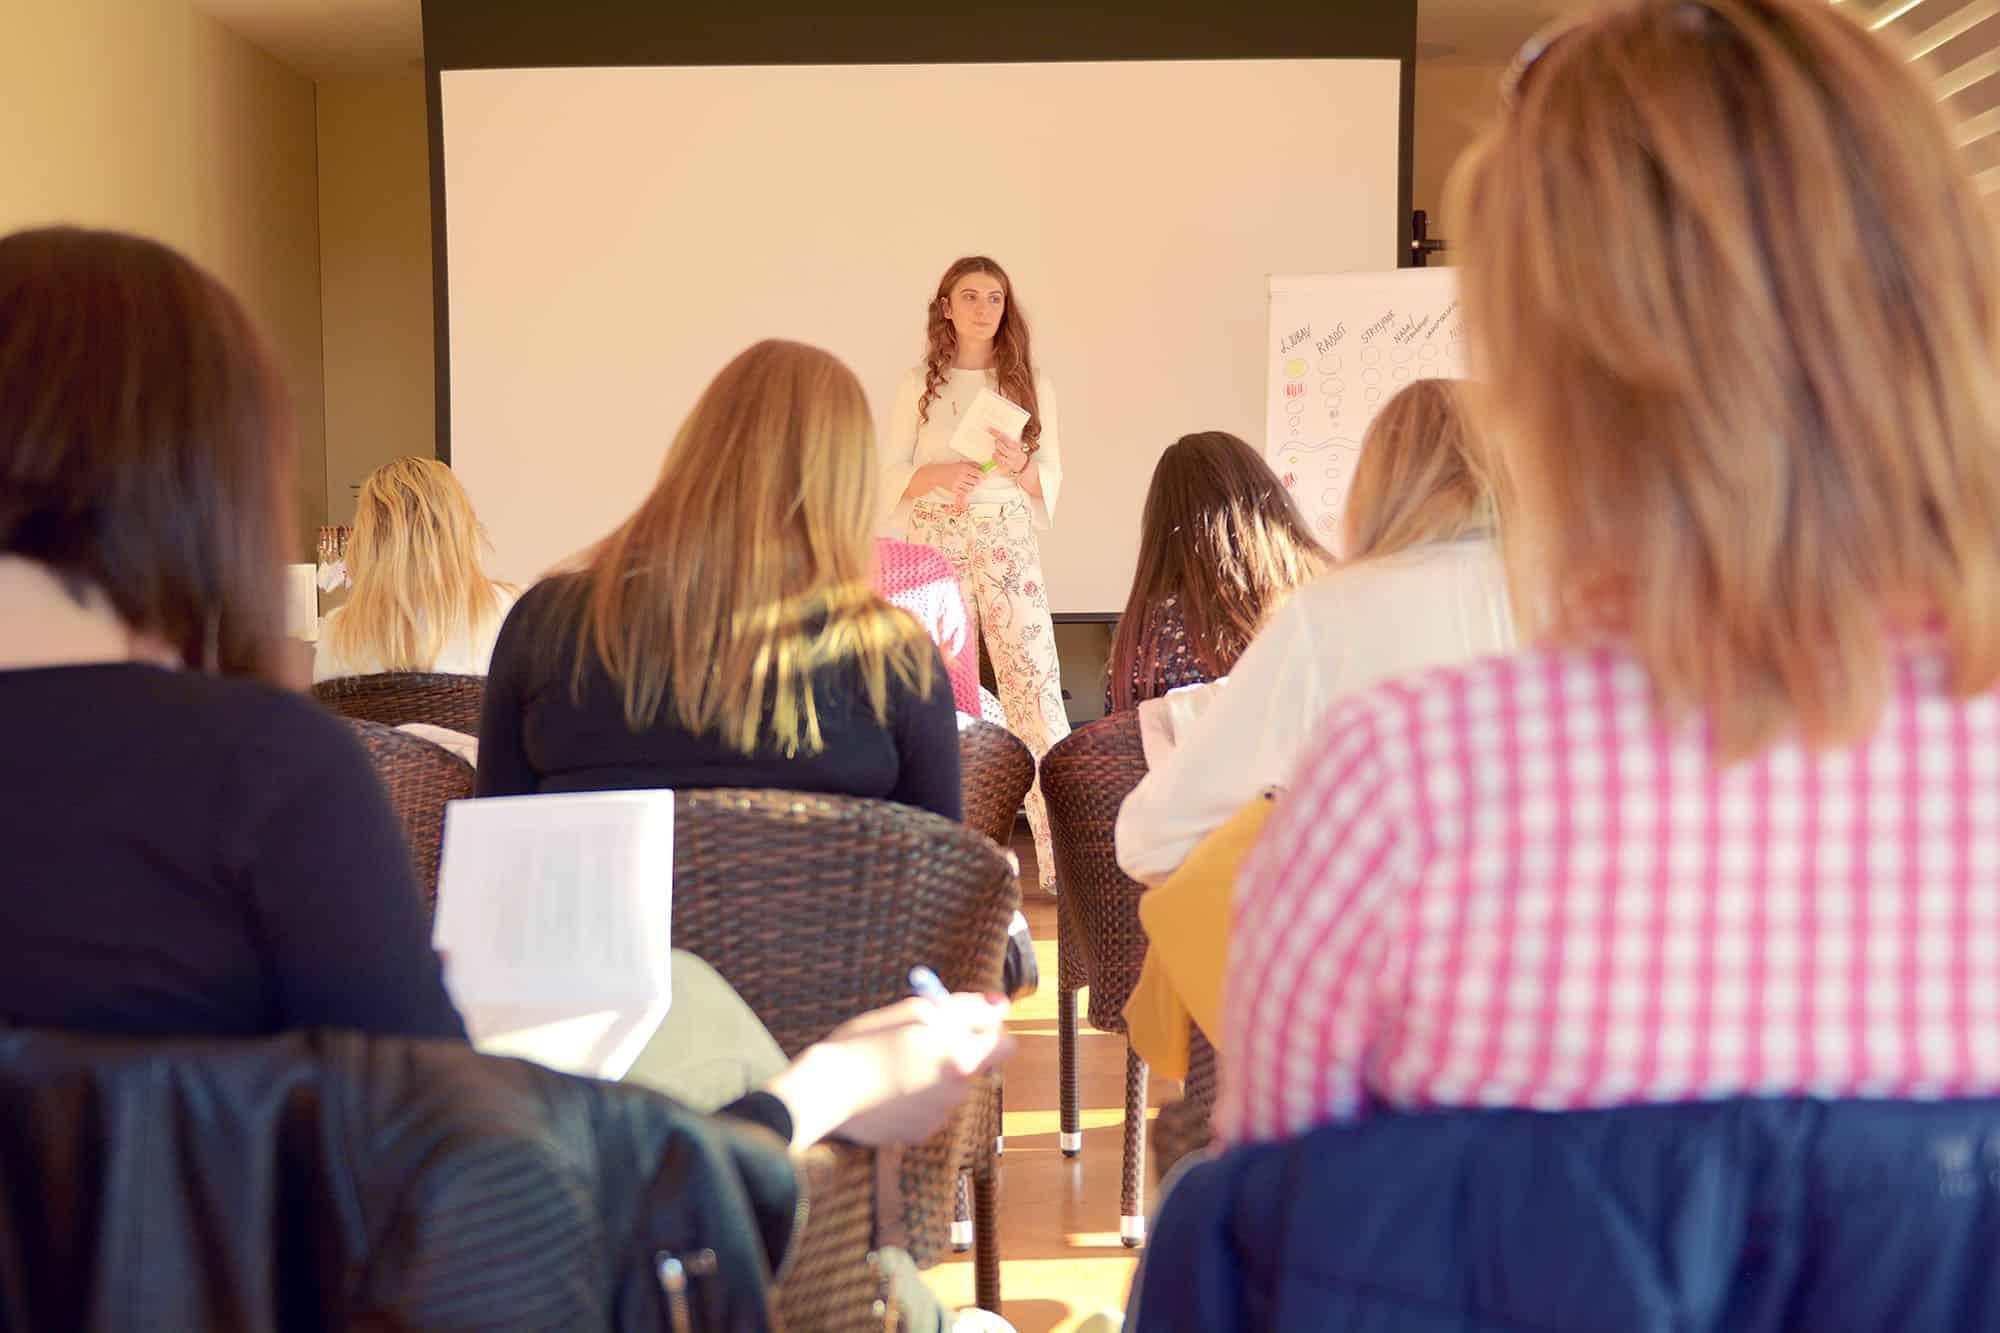 Petra Cutuk Vjeruj Traži Manifestiraj Zdravlje Meditacija Vježbe Disanja Samopouzdanje Posao Pms Pula Sreća Ciljevi Promjena Ljepota Izazov Zasu Afirmacije